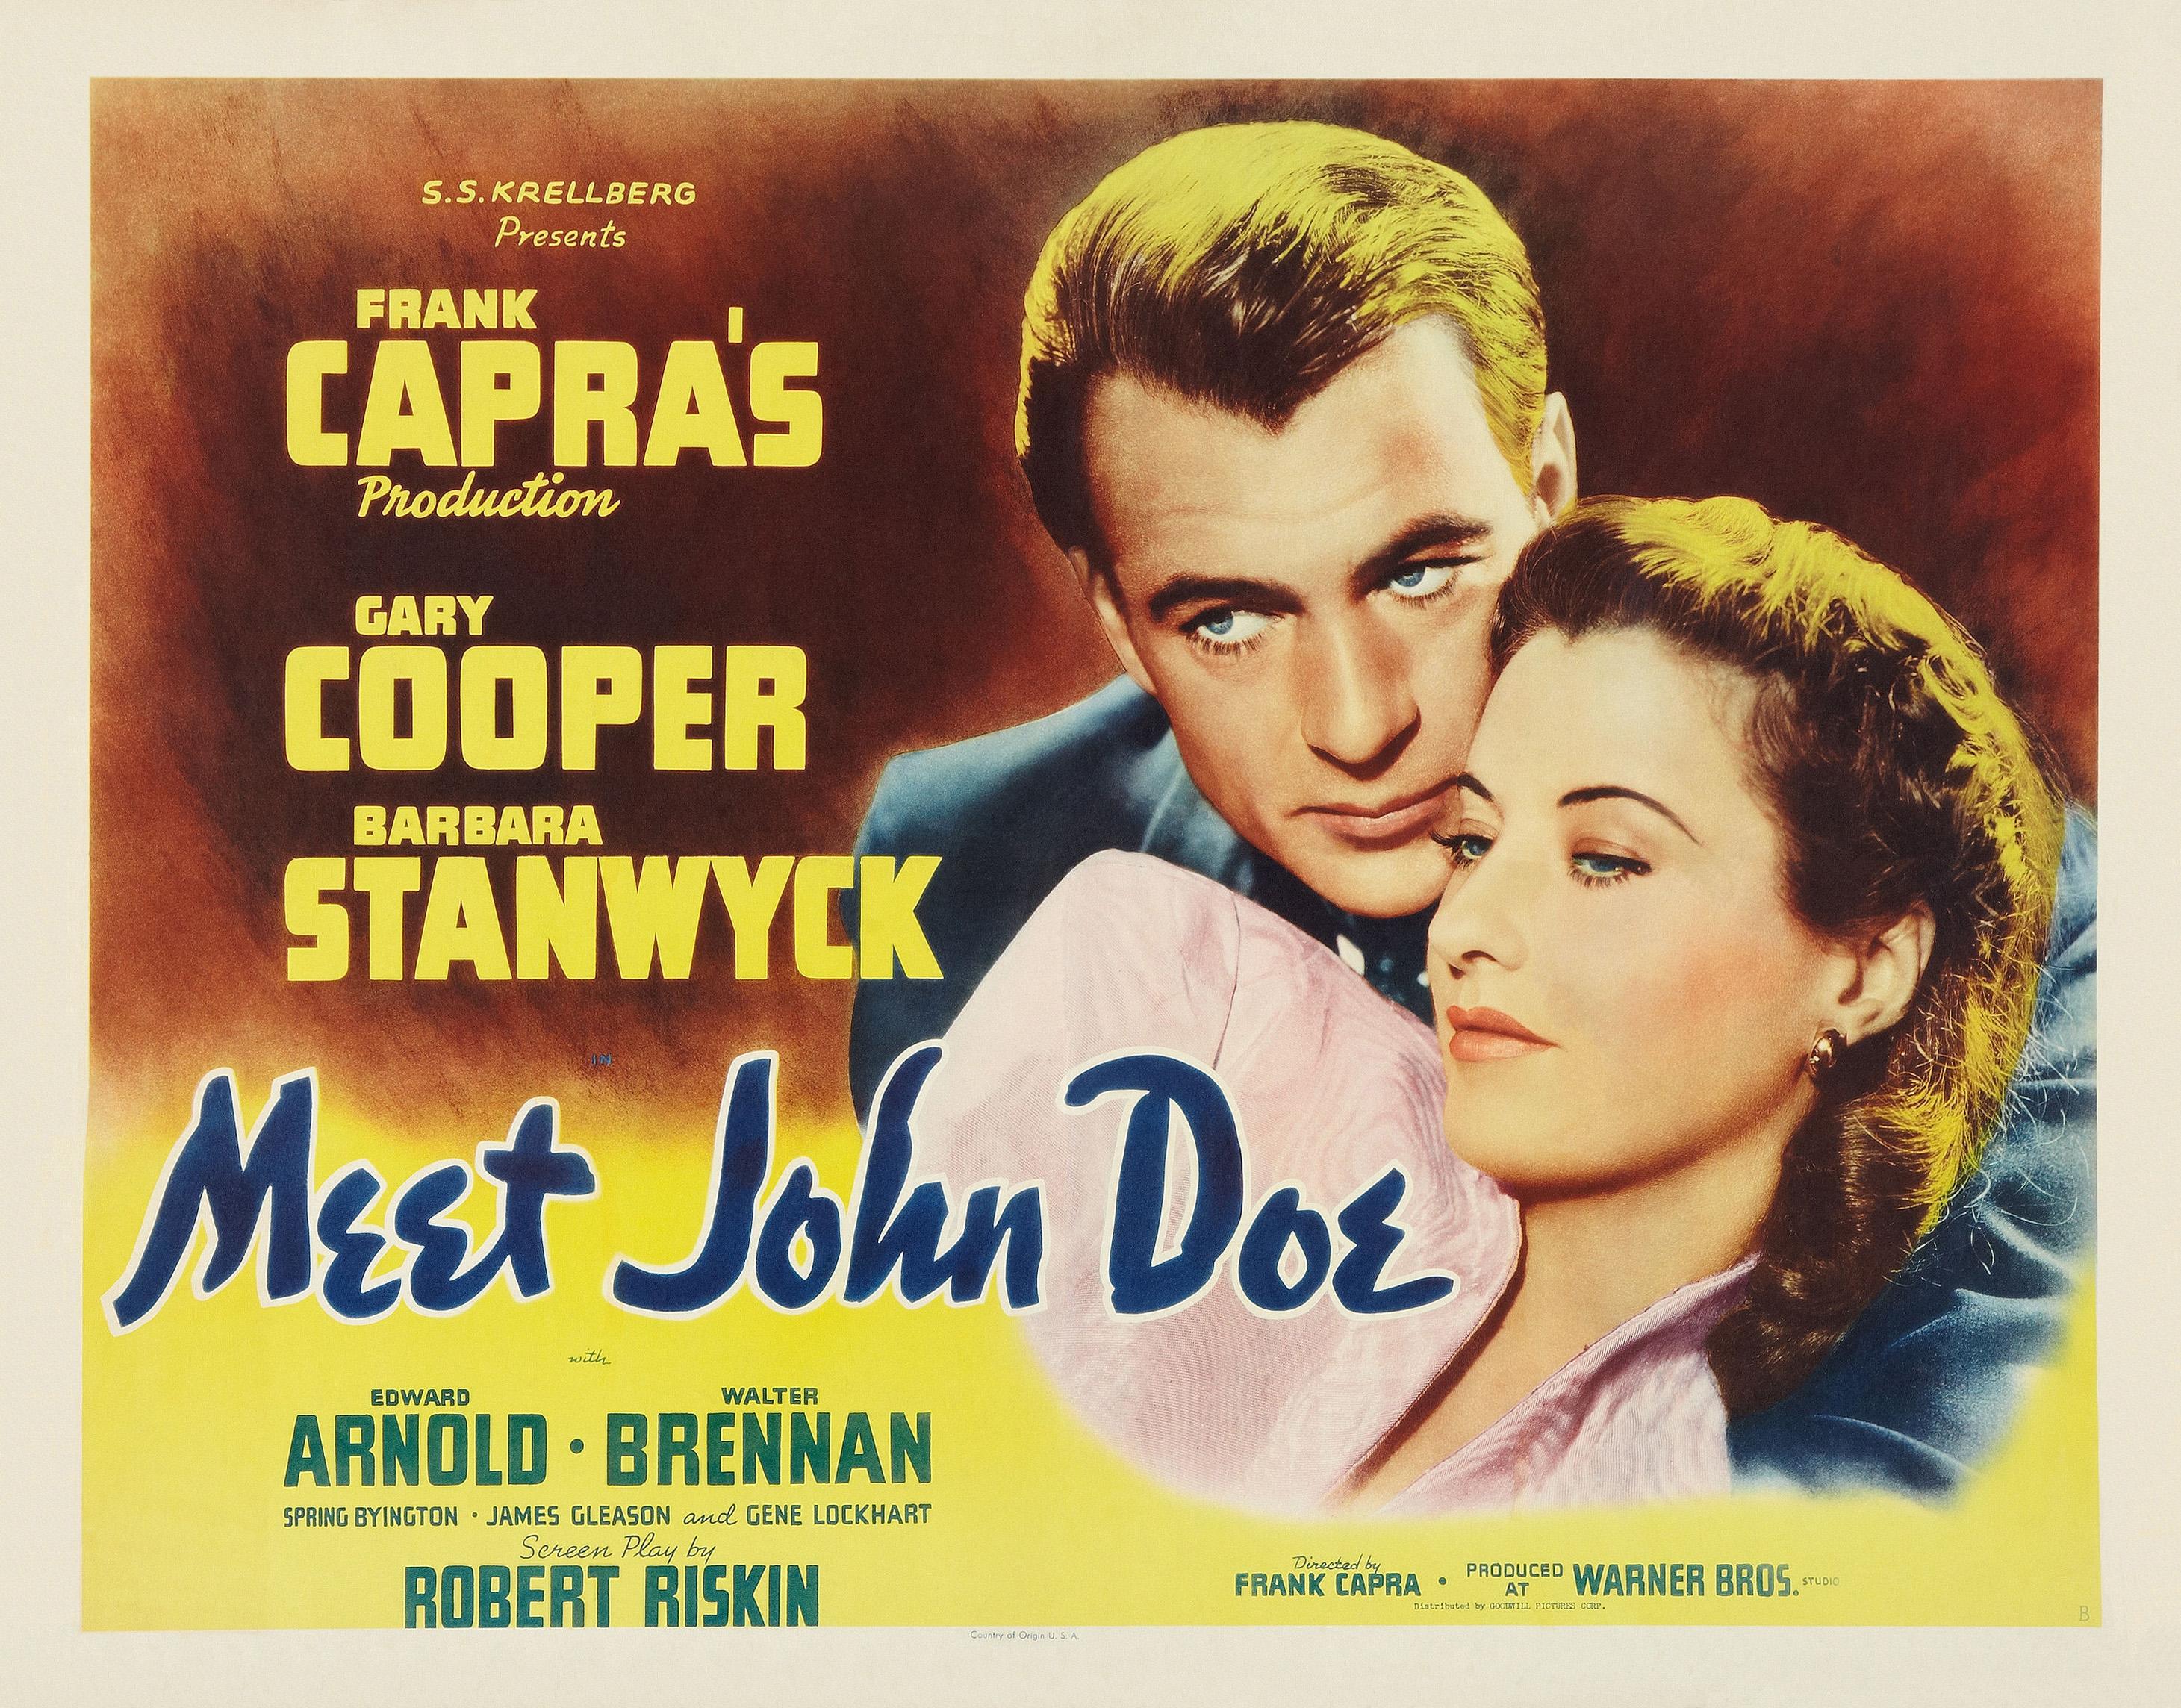 http://upload.wikimedia.org/wikipedia/commons/3/36/Poster_-_Meet_John_Doe_08.jpg